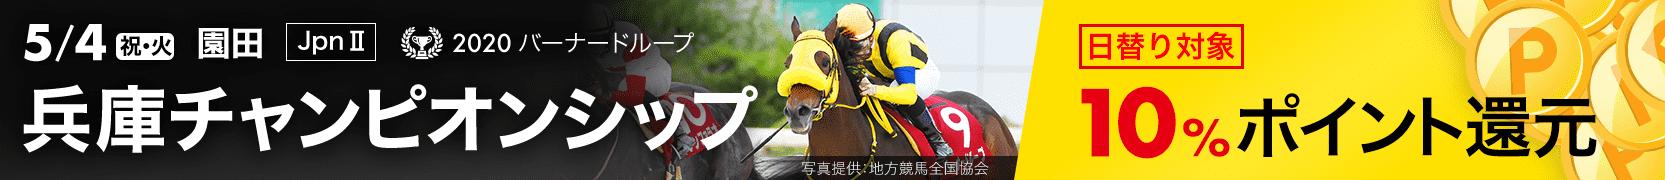 ダートグレード競走:兵庫チャンピオンシップ(2021)特集ページ